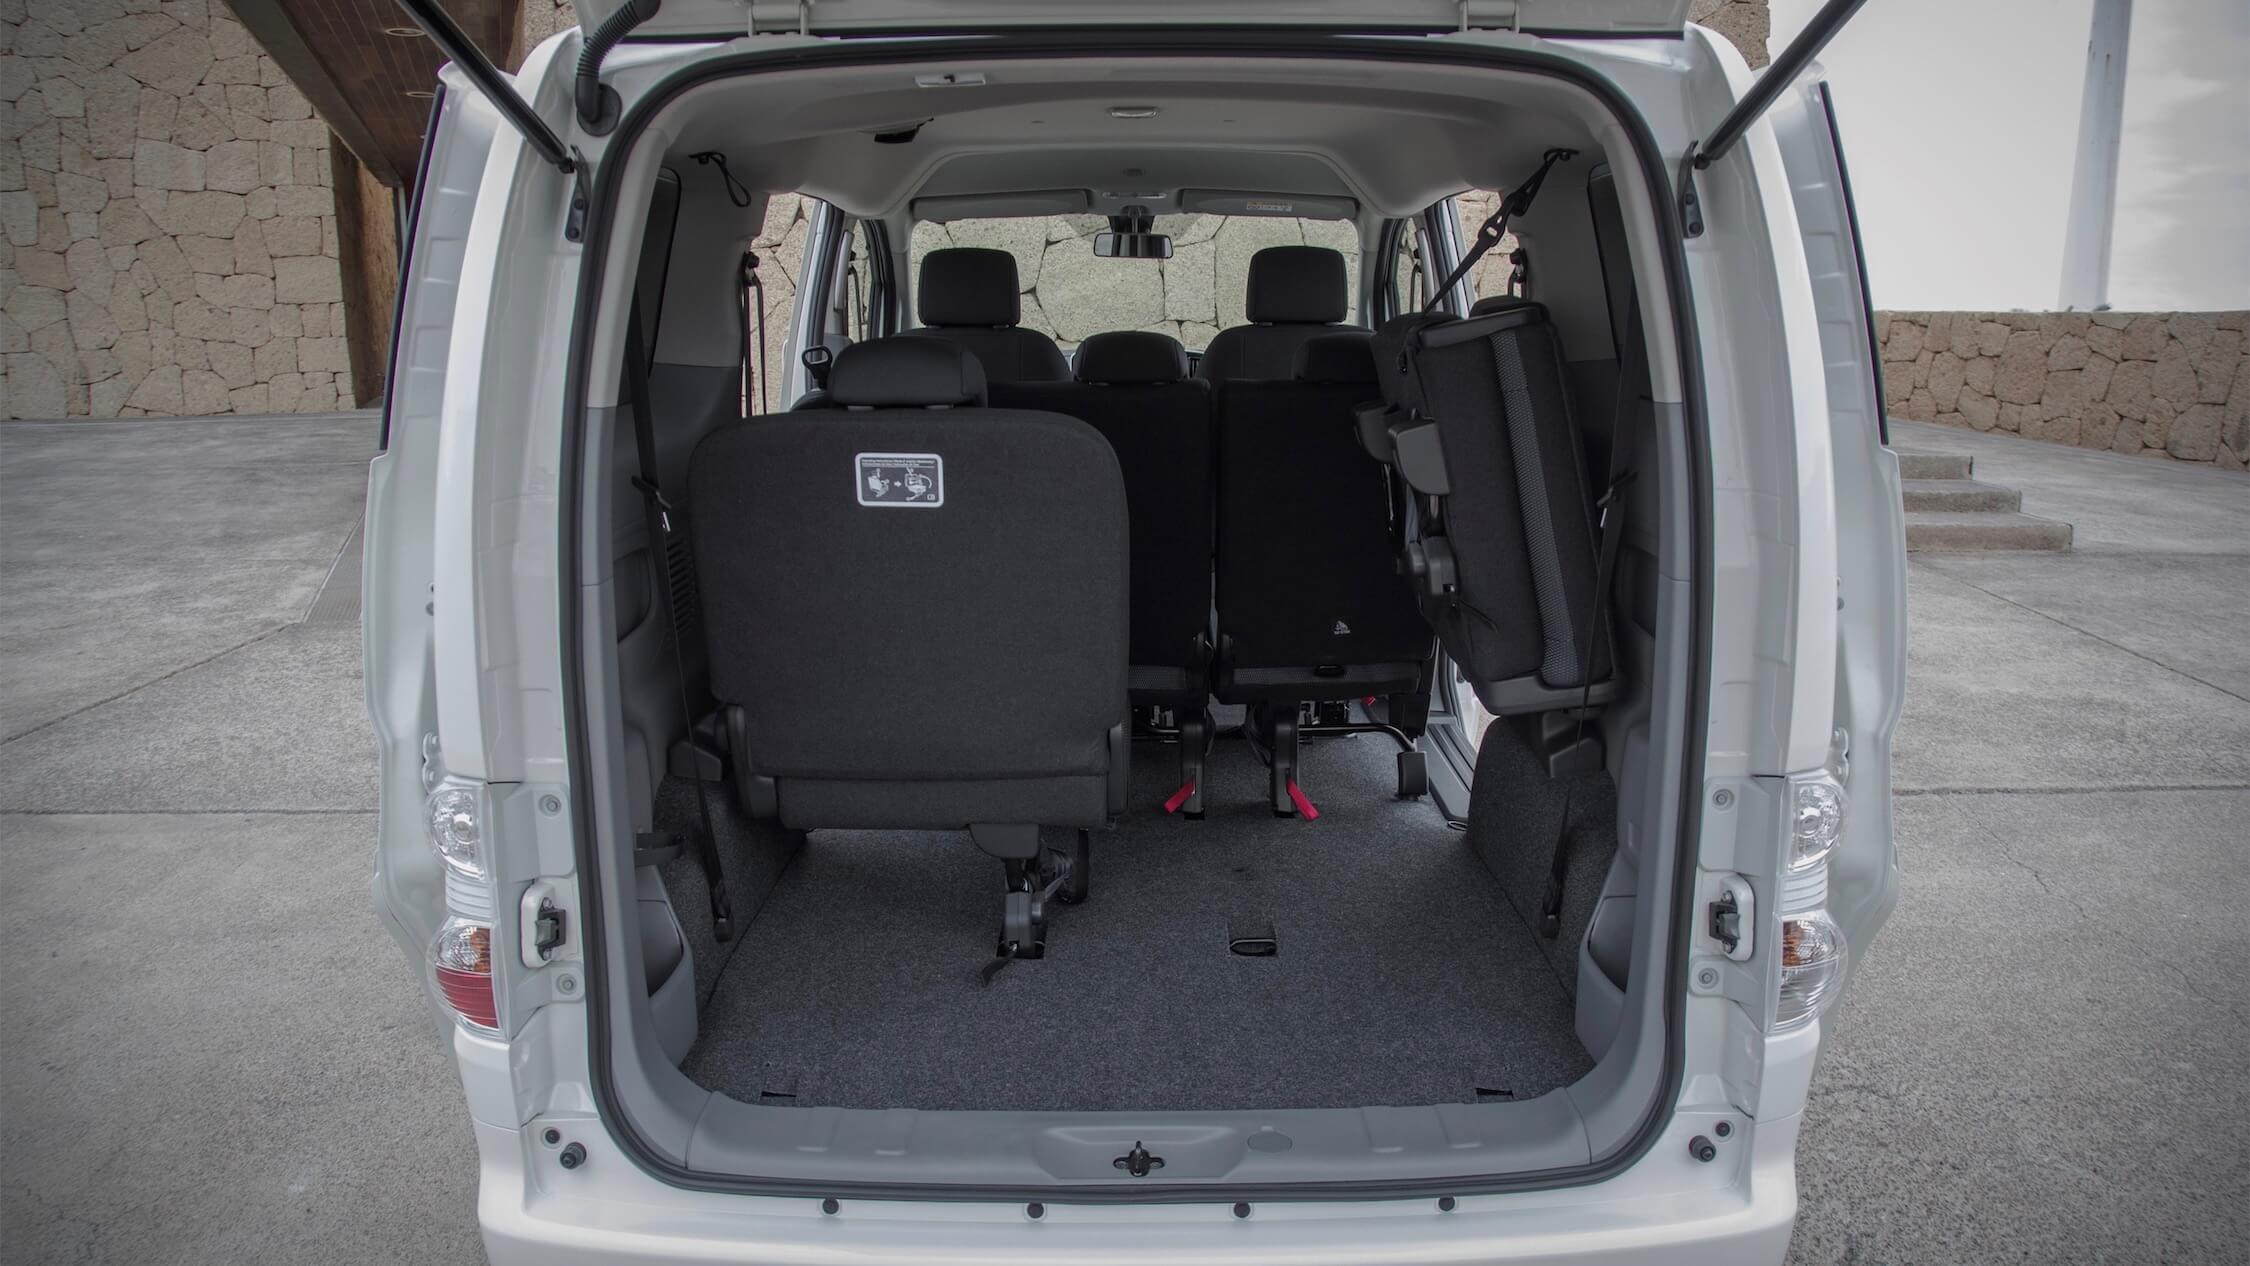 Nissan e-NV200 kofferruimte